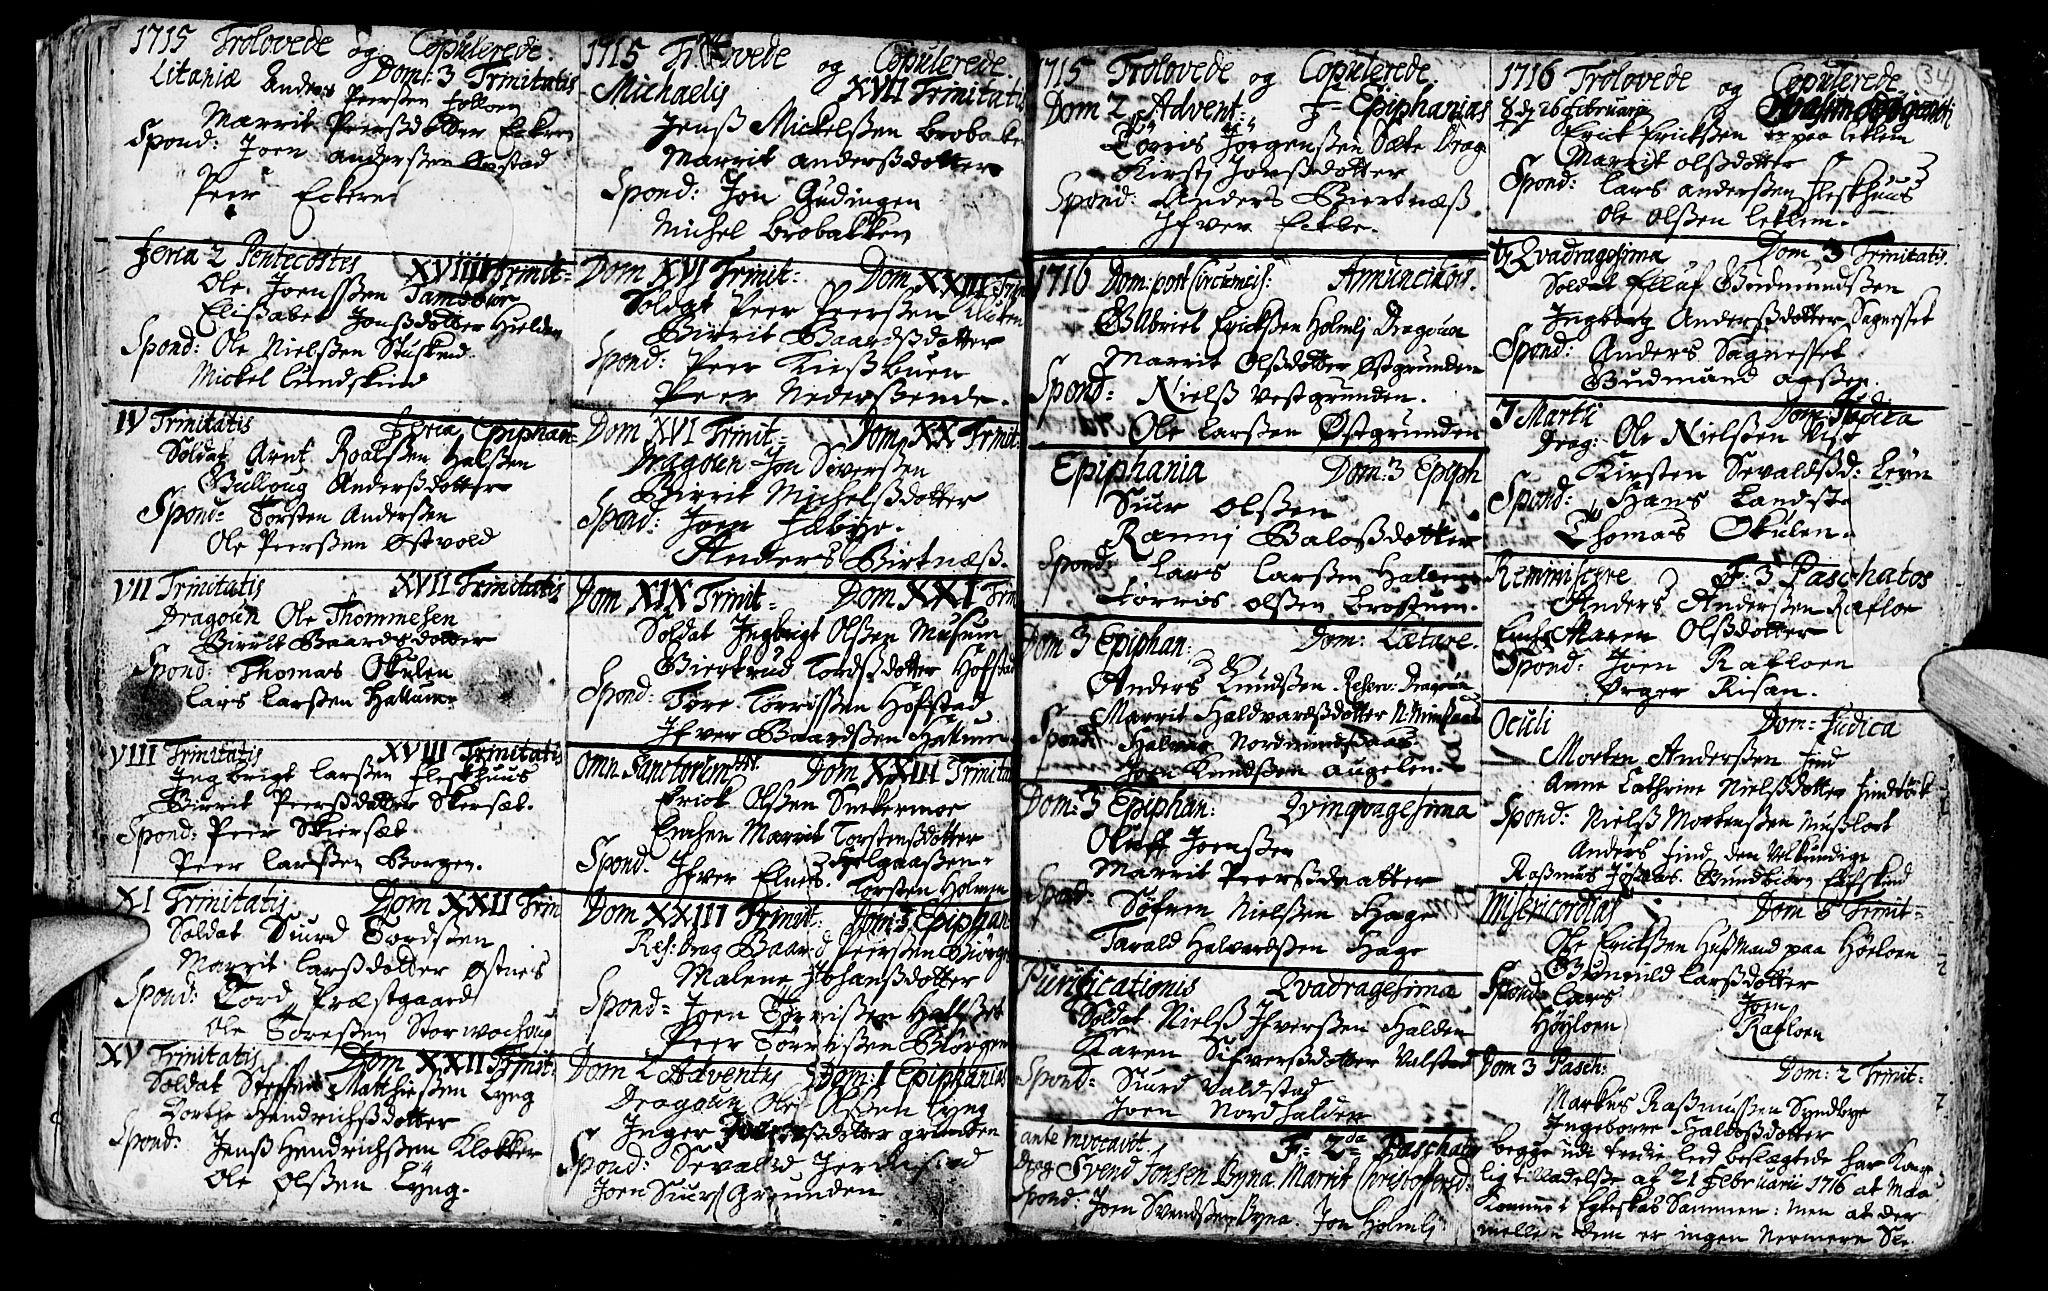 SAT, Ministerialprotokoller, klokkerbøker og fødselsregistre - Nord-Trøndelag, 723/L0230: Ministerialbok nr. 723A01, 1705-1747, s. 34